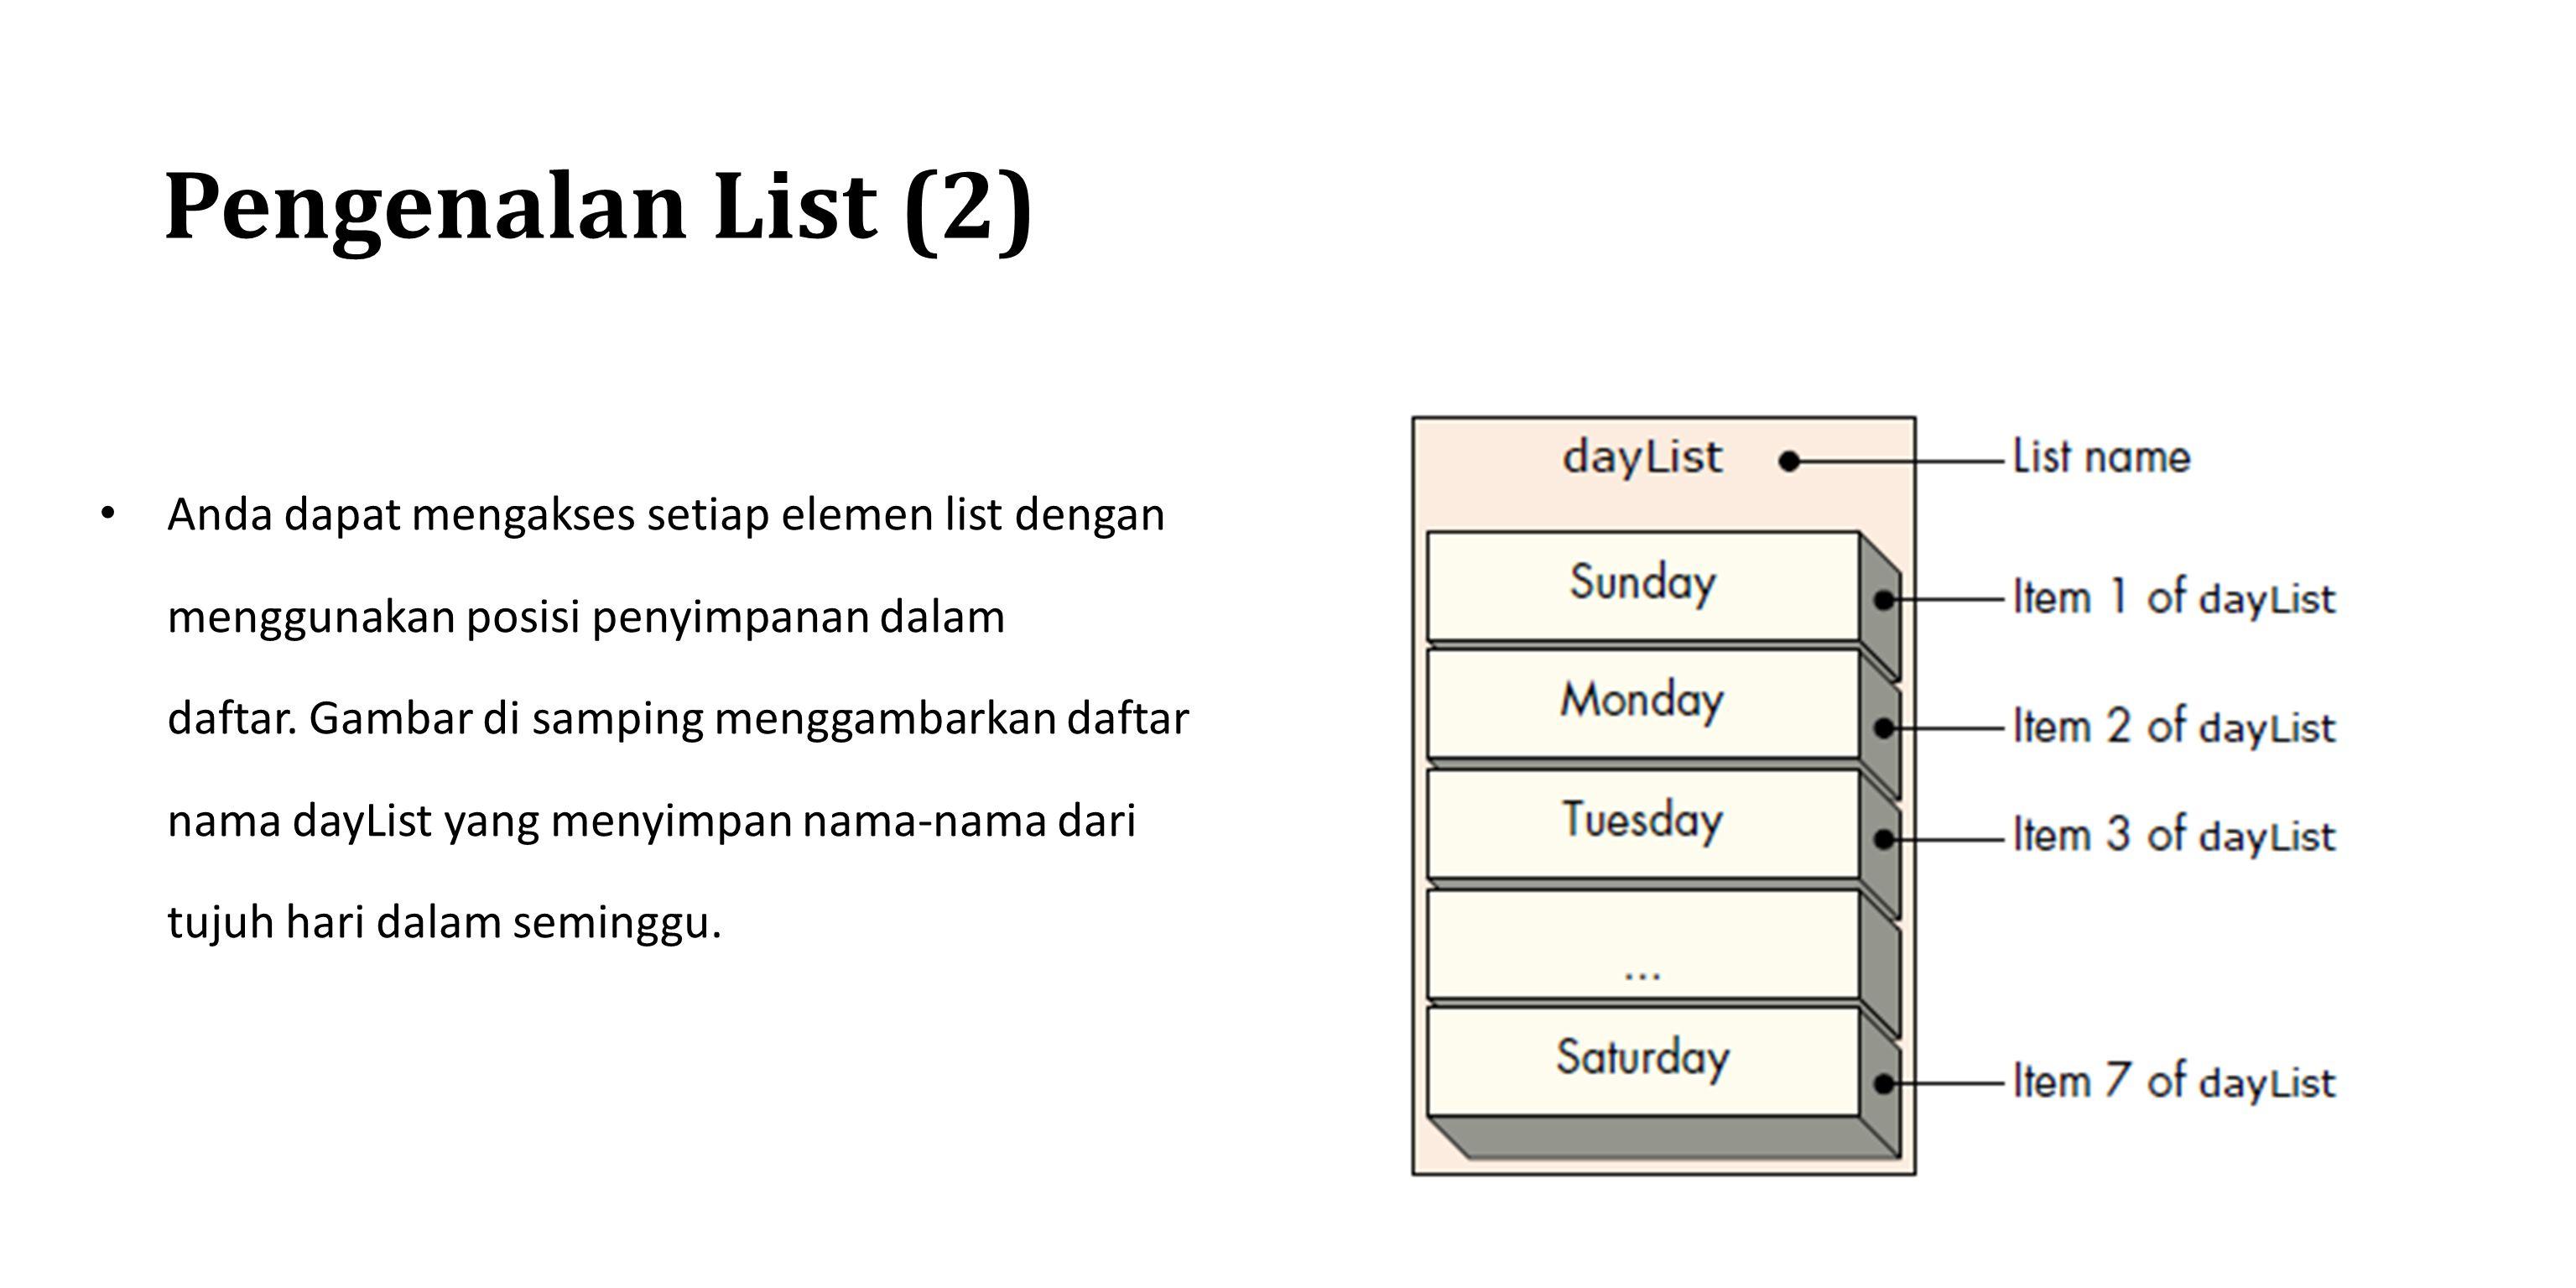 Pengenalan List (2) Anda dapat mengakses setiap elemen list dengan menggunakan posisi penyimpanan dalam daftar. Gambar di samping menggambarkan daftar